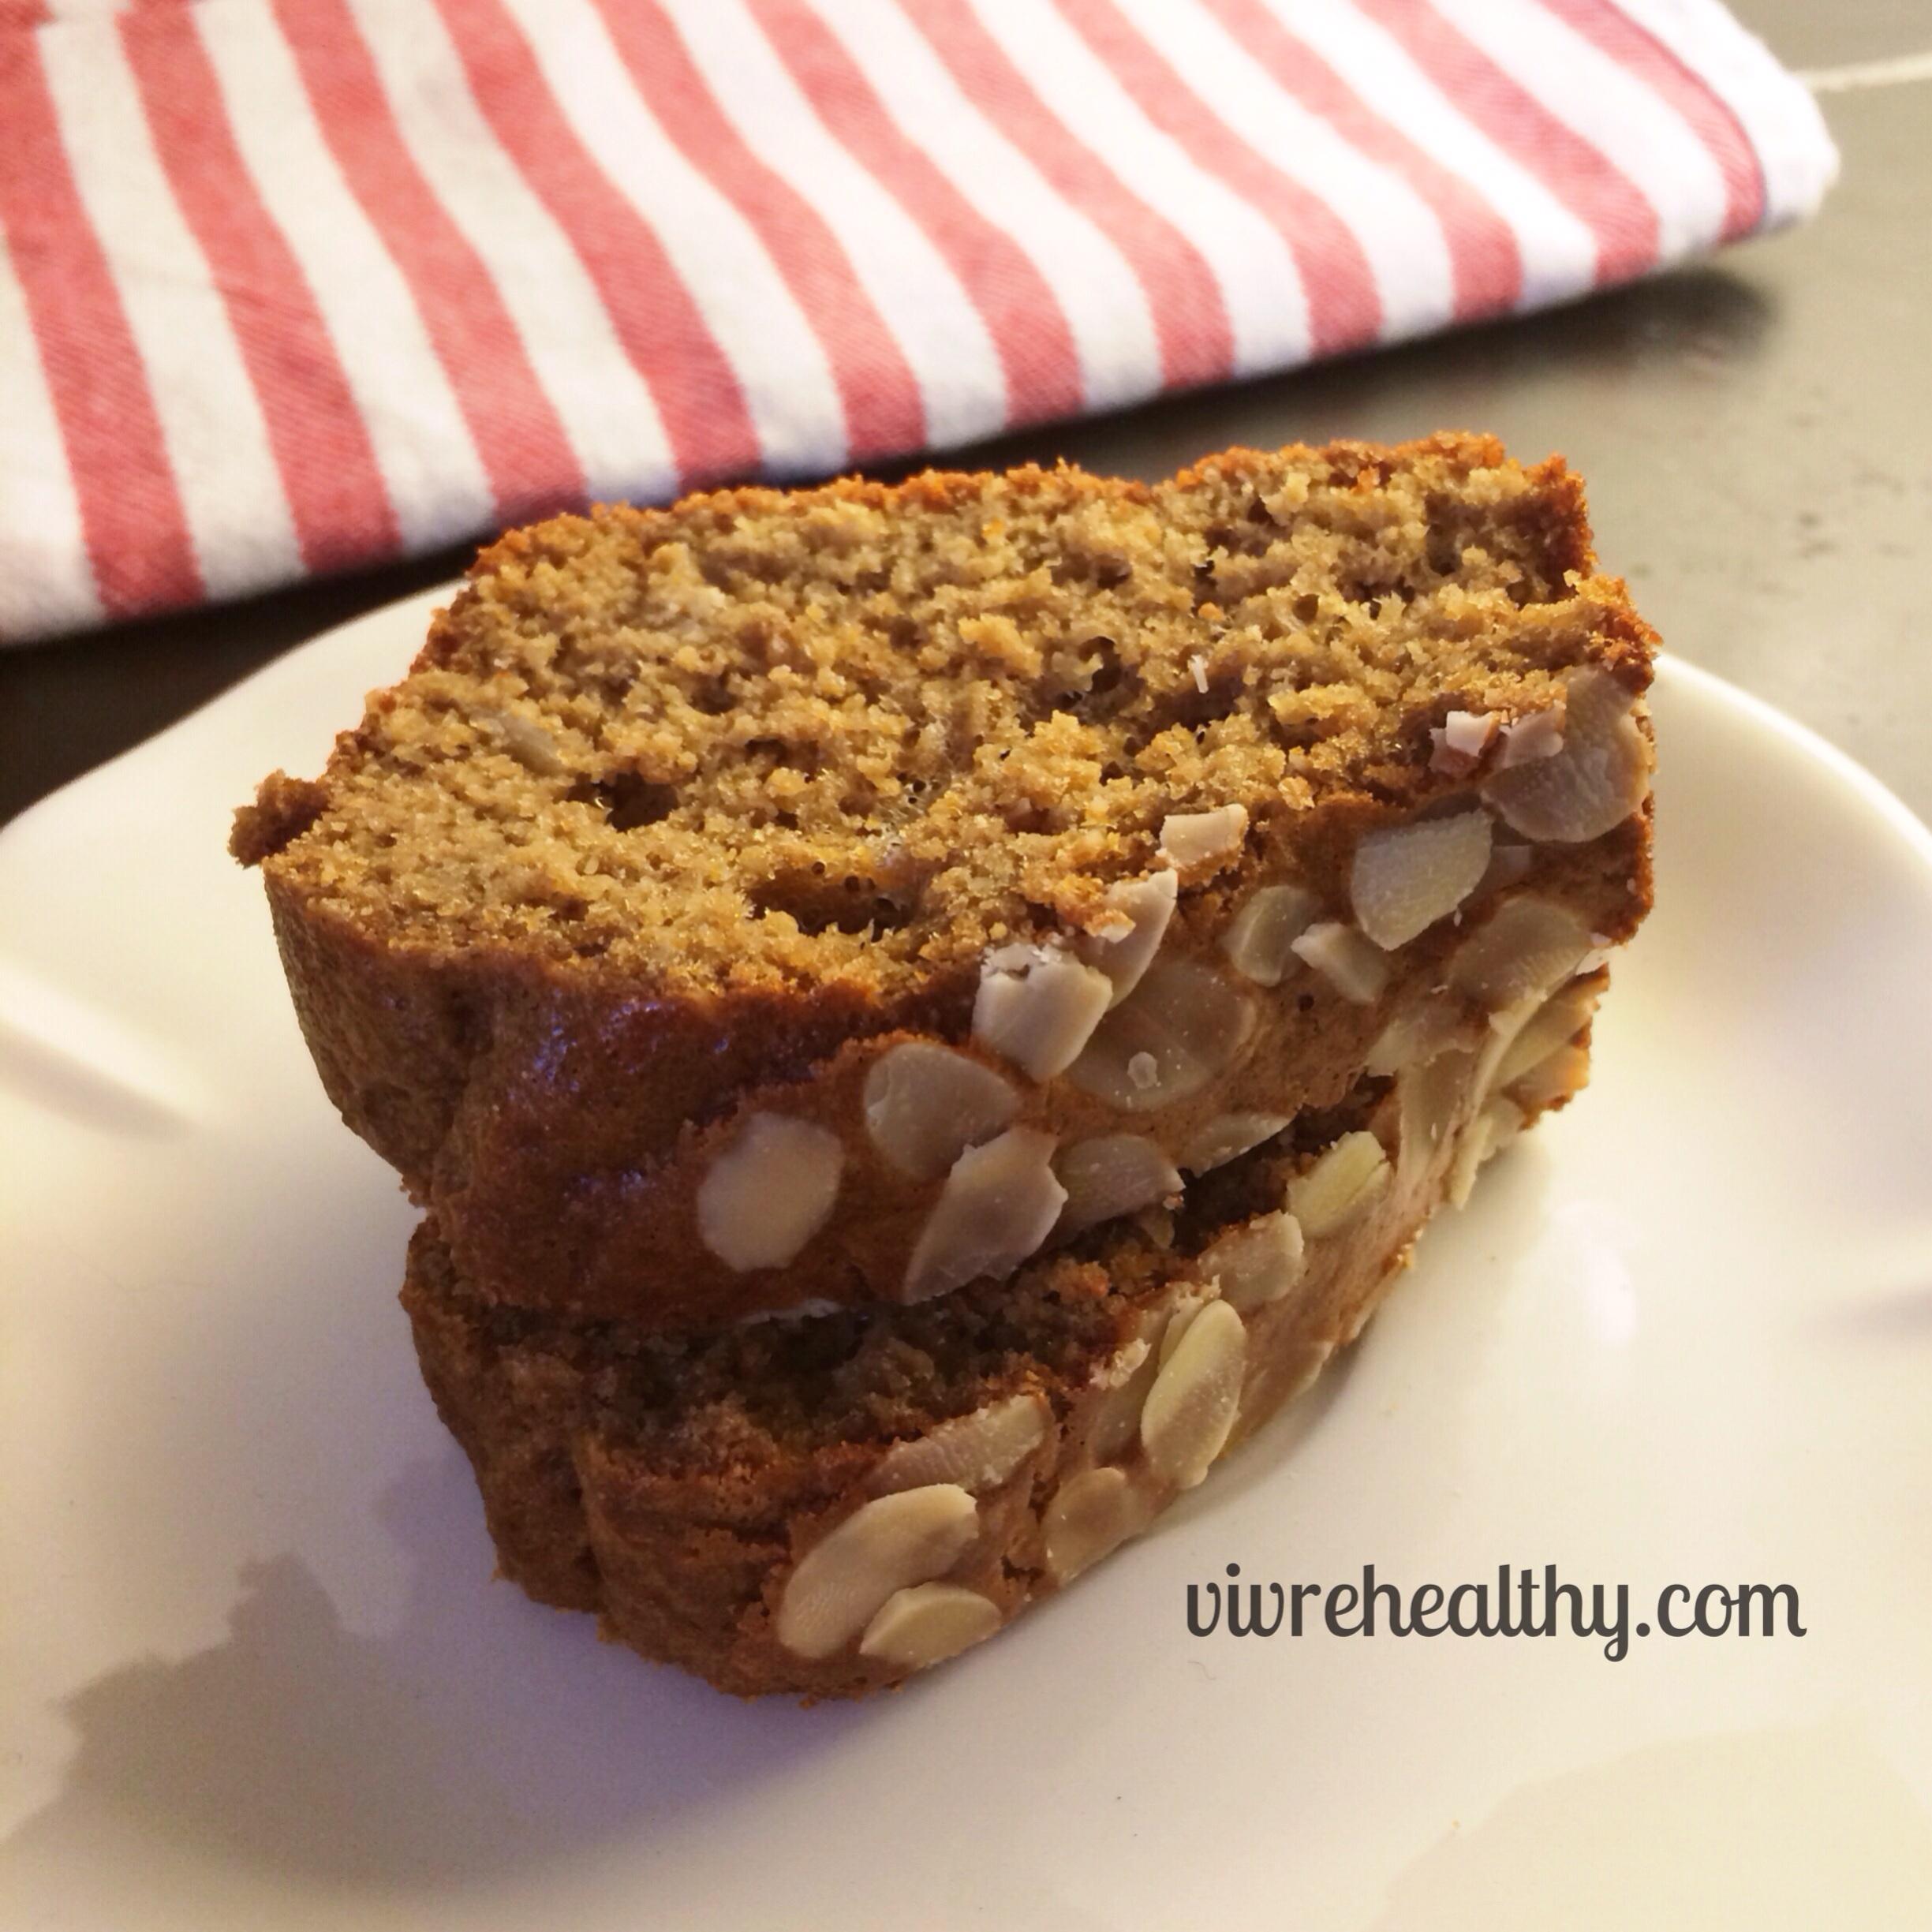 Recette de gateau healthy home baking for you blog photo - Gateau au chocolat healthy ...